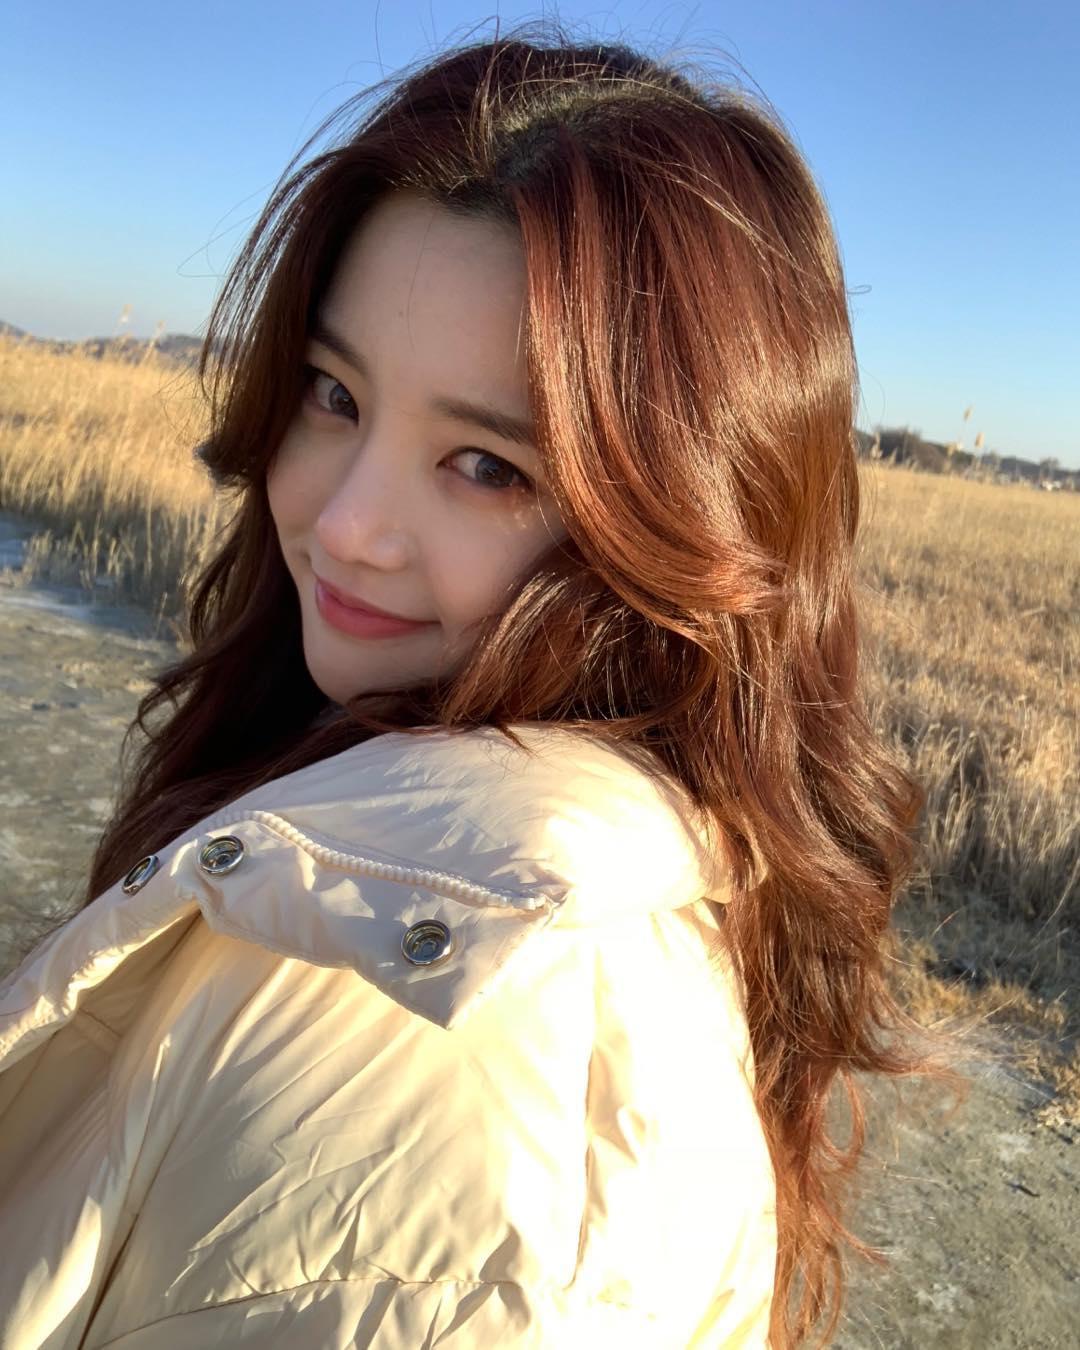 她们都30岁了?朴信惠、朴宝英,这些1990年出生的韩国女星,你都认识吗?插图2